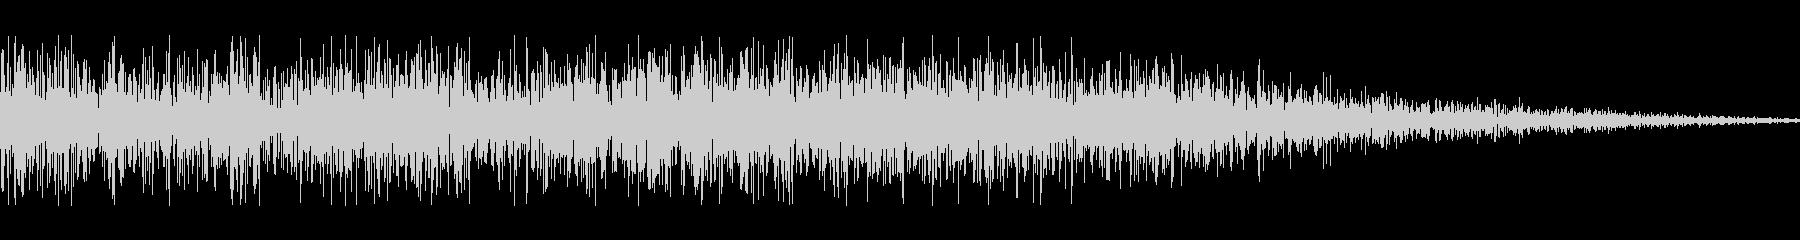 ロボット足音 タイプ14の未再生の波形